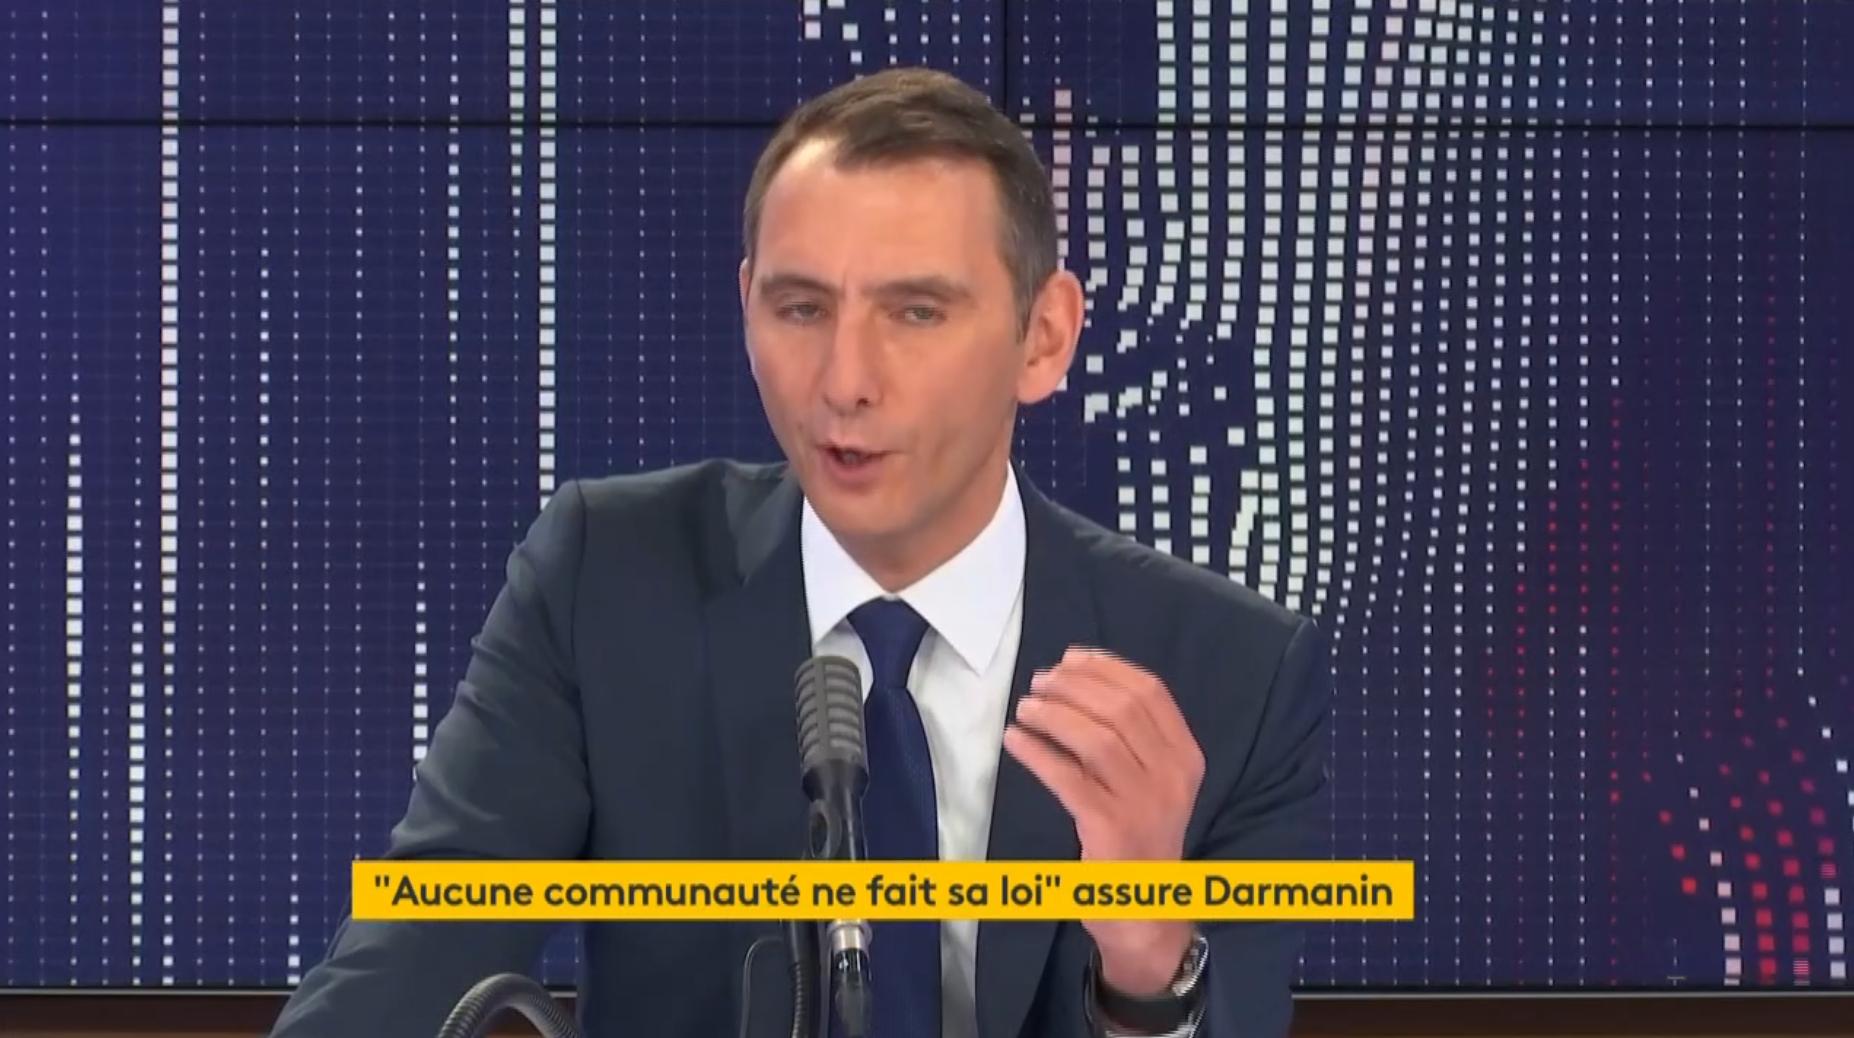 """Laurent Jacobelli (RN) """"(ne croit) pas au Grand Remplacement"""" donc à ce que tous les Français voient au quotidien…"""